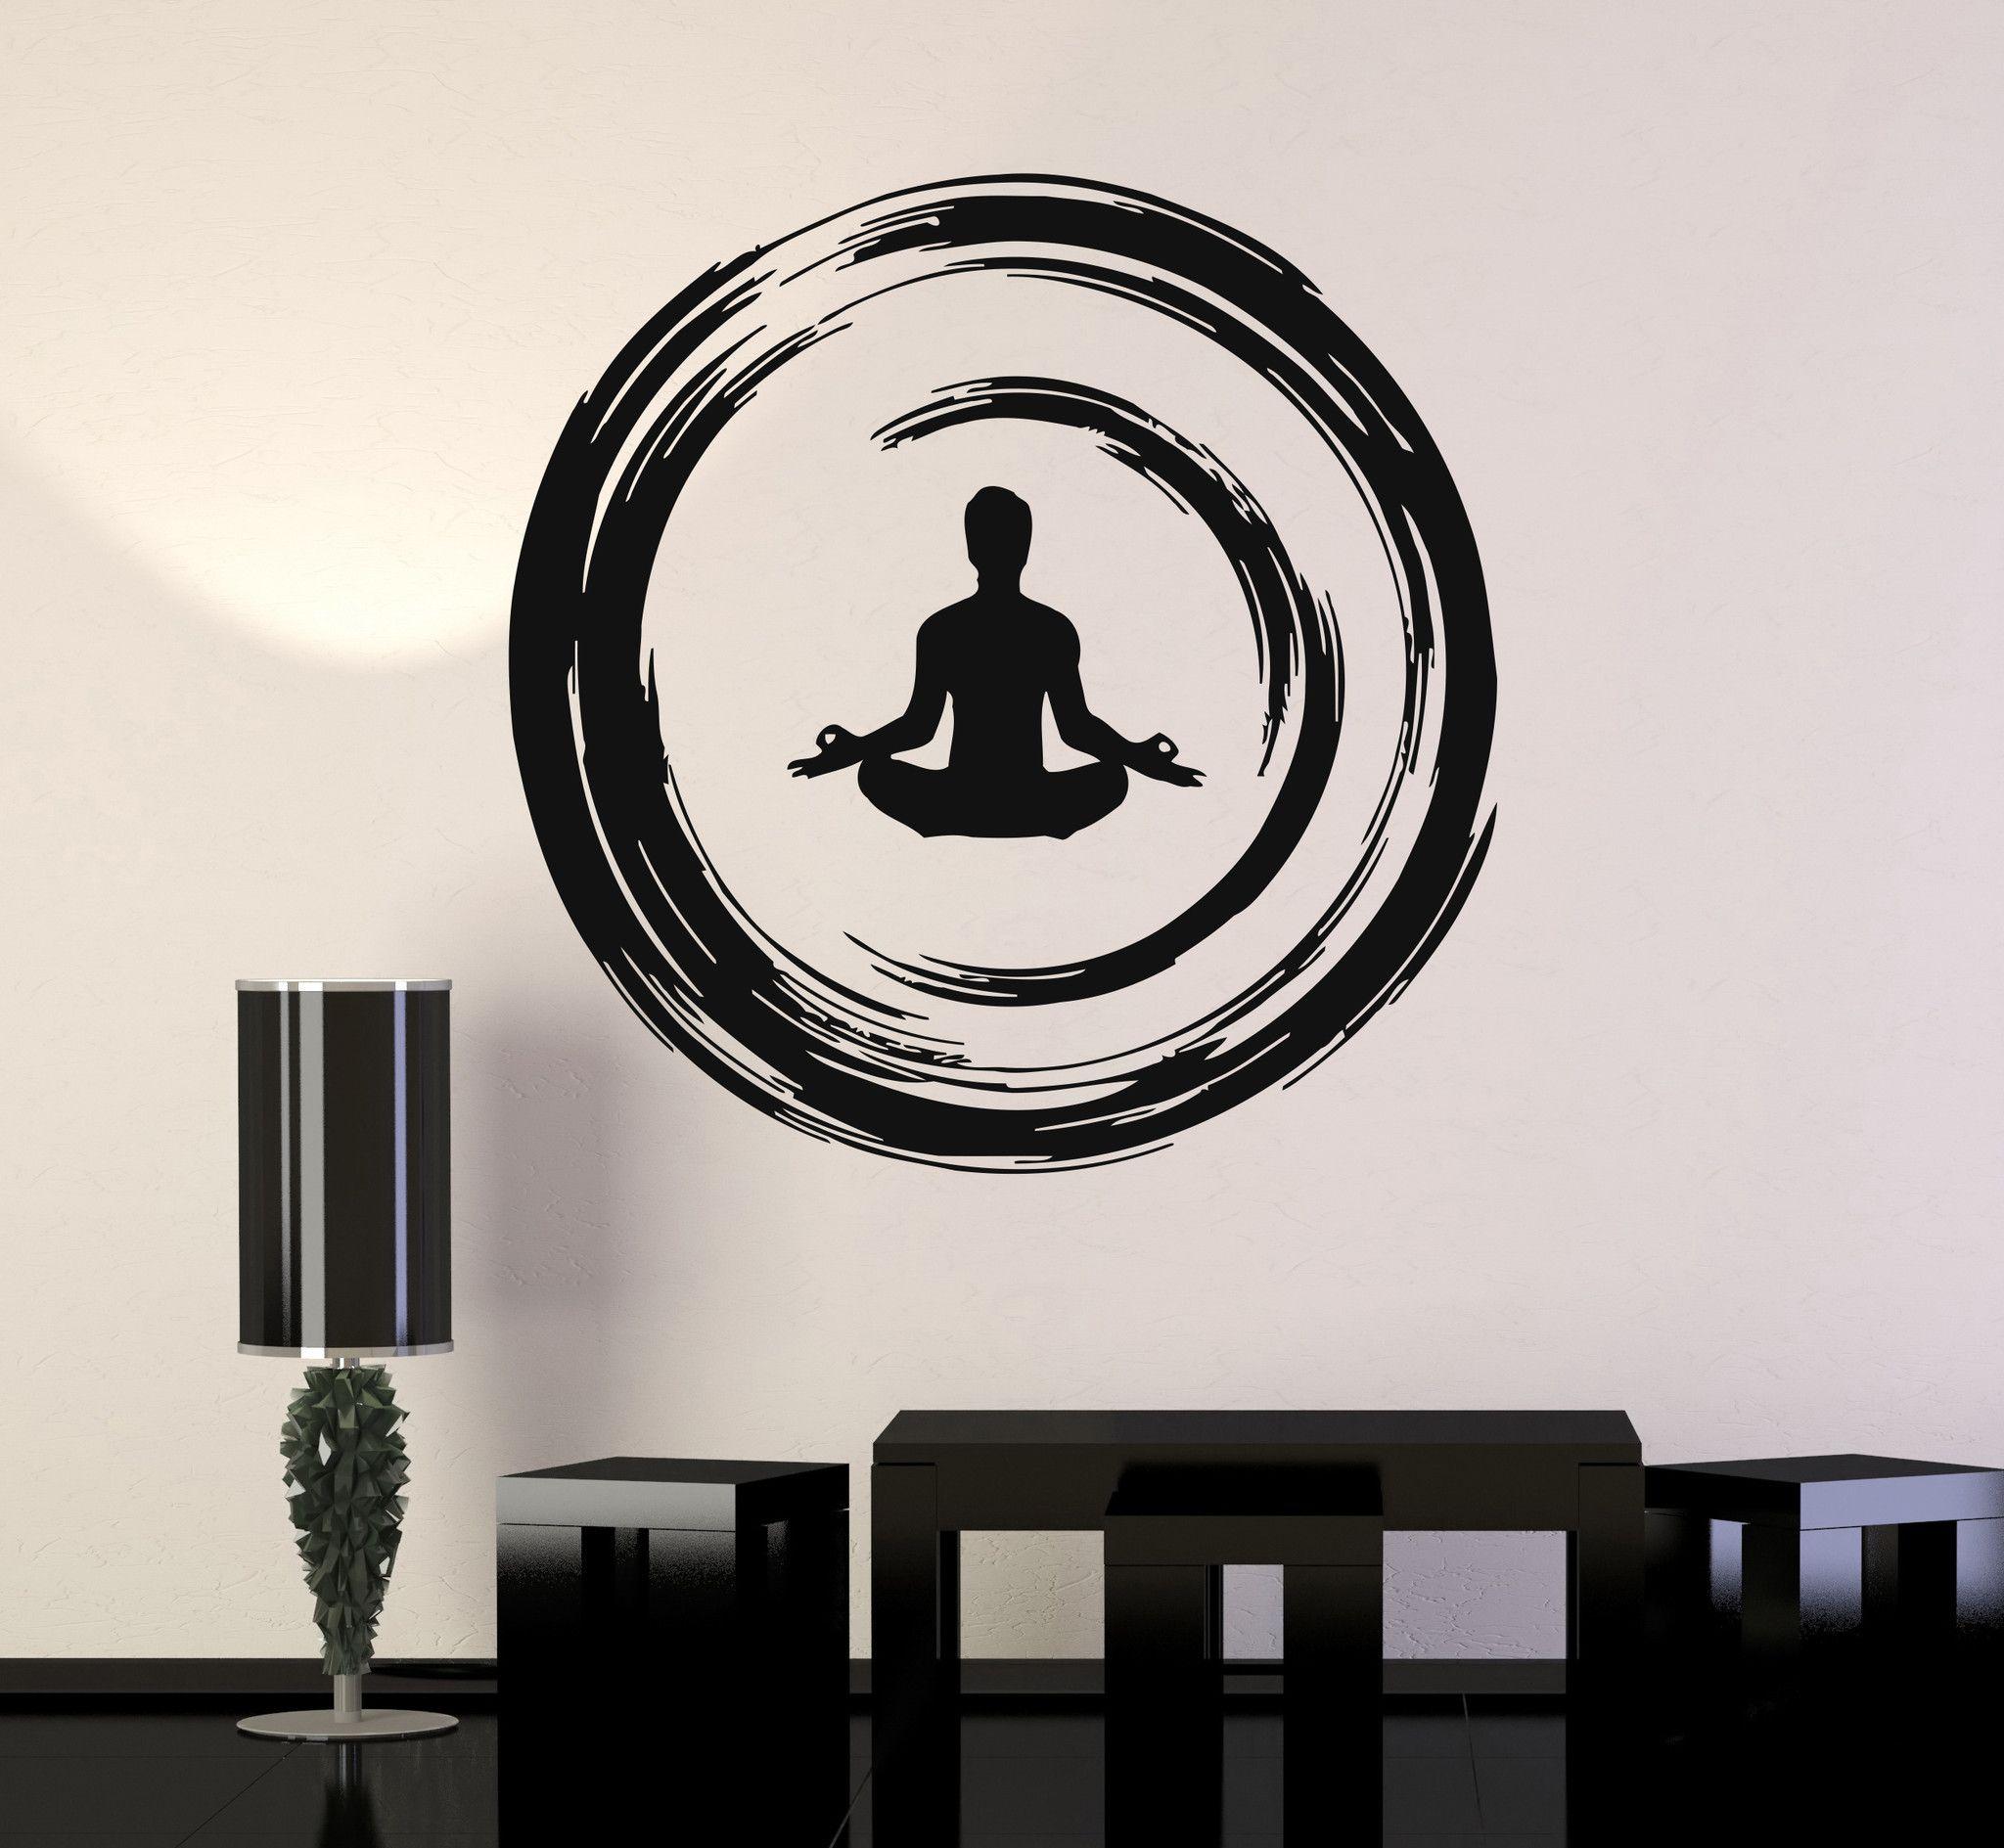 Vinyl Wall Decal Yoga Buddhist Meditation Enso Circle Bedroom - Zen wall decalsvinyl wall decal yin yang yoga zen meditation bedroom decor